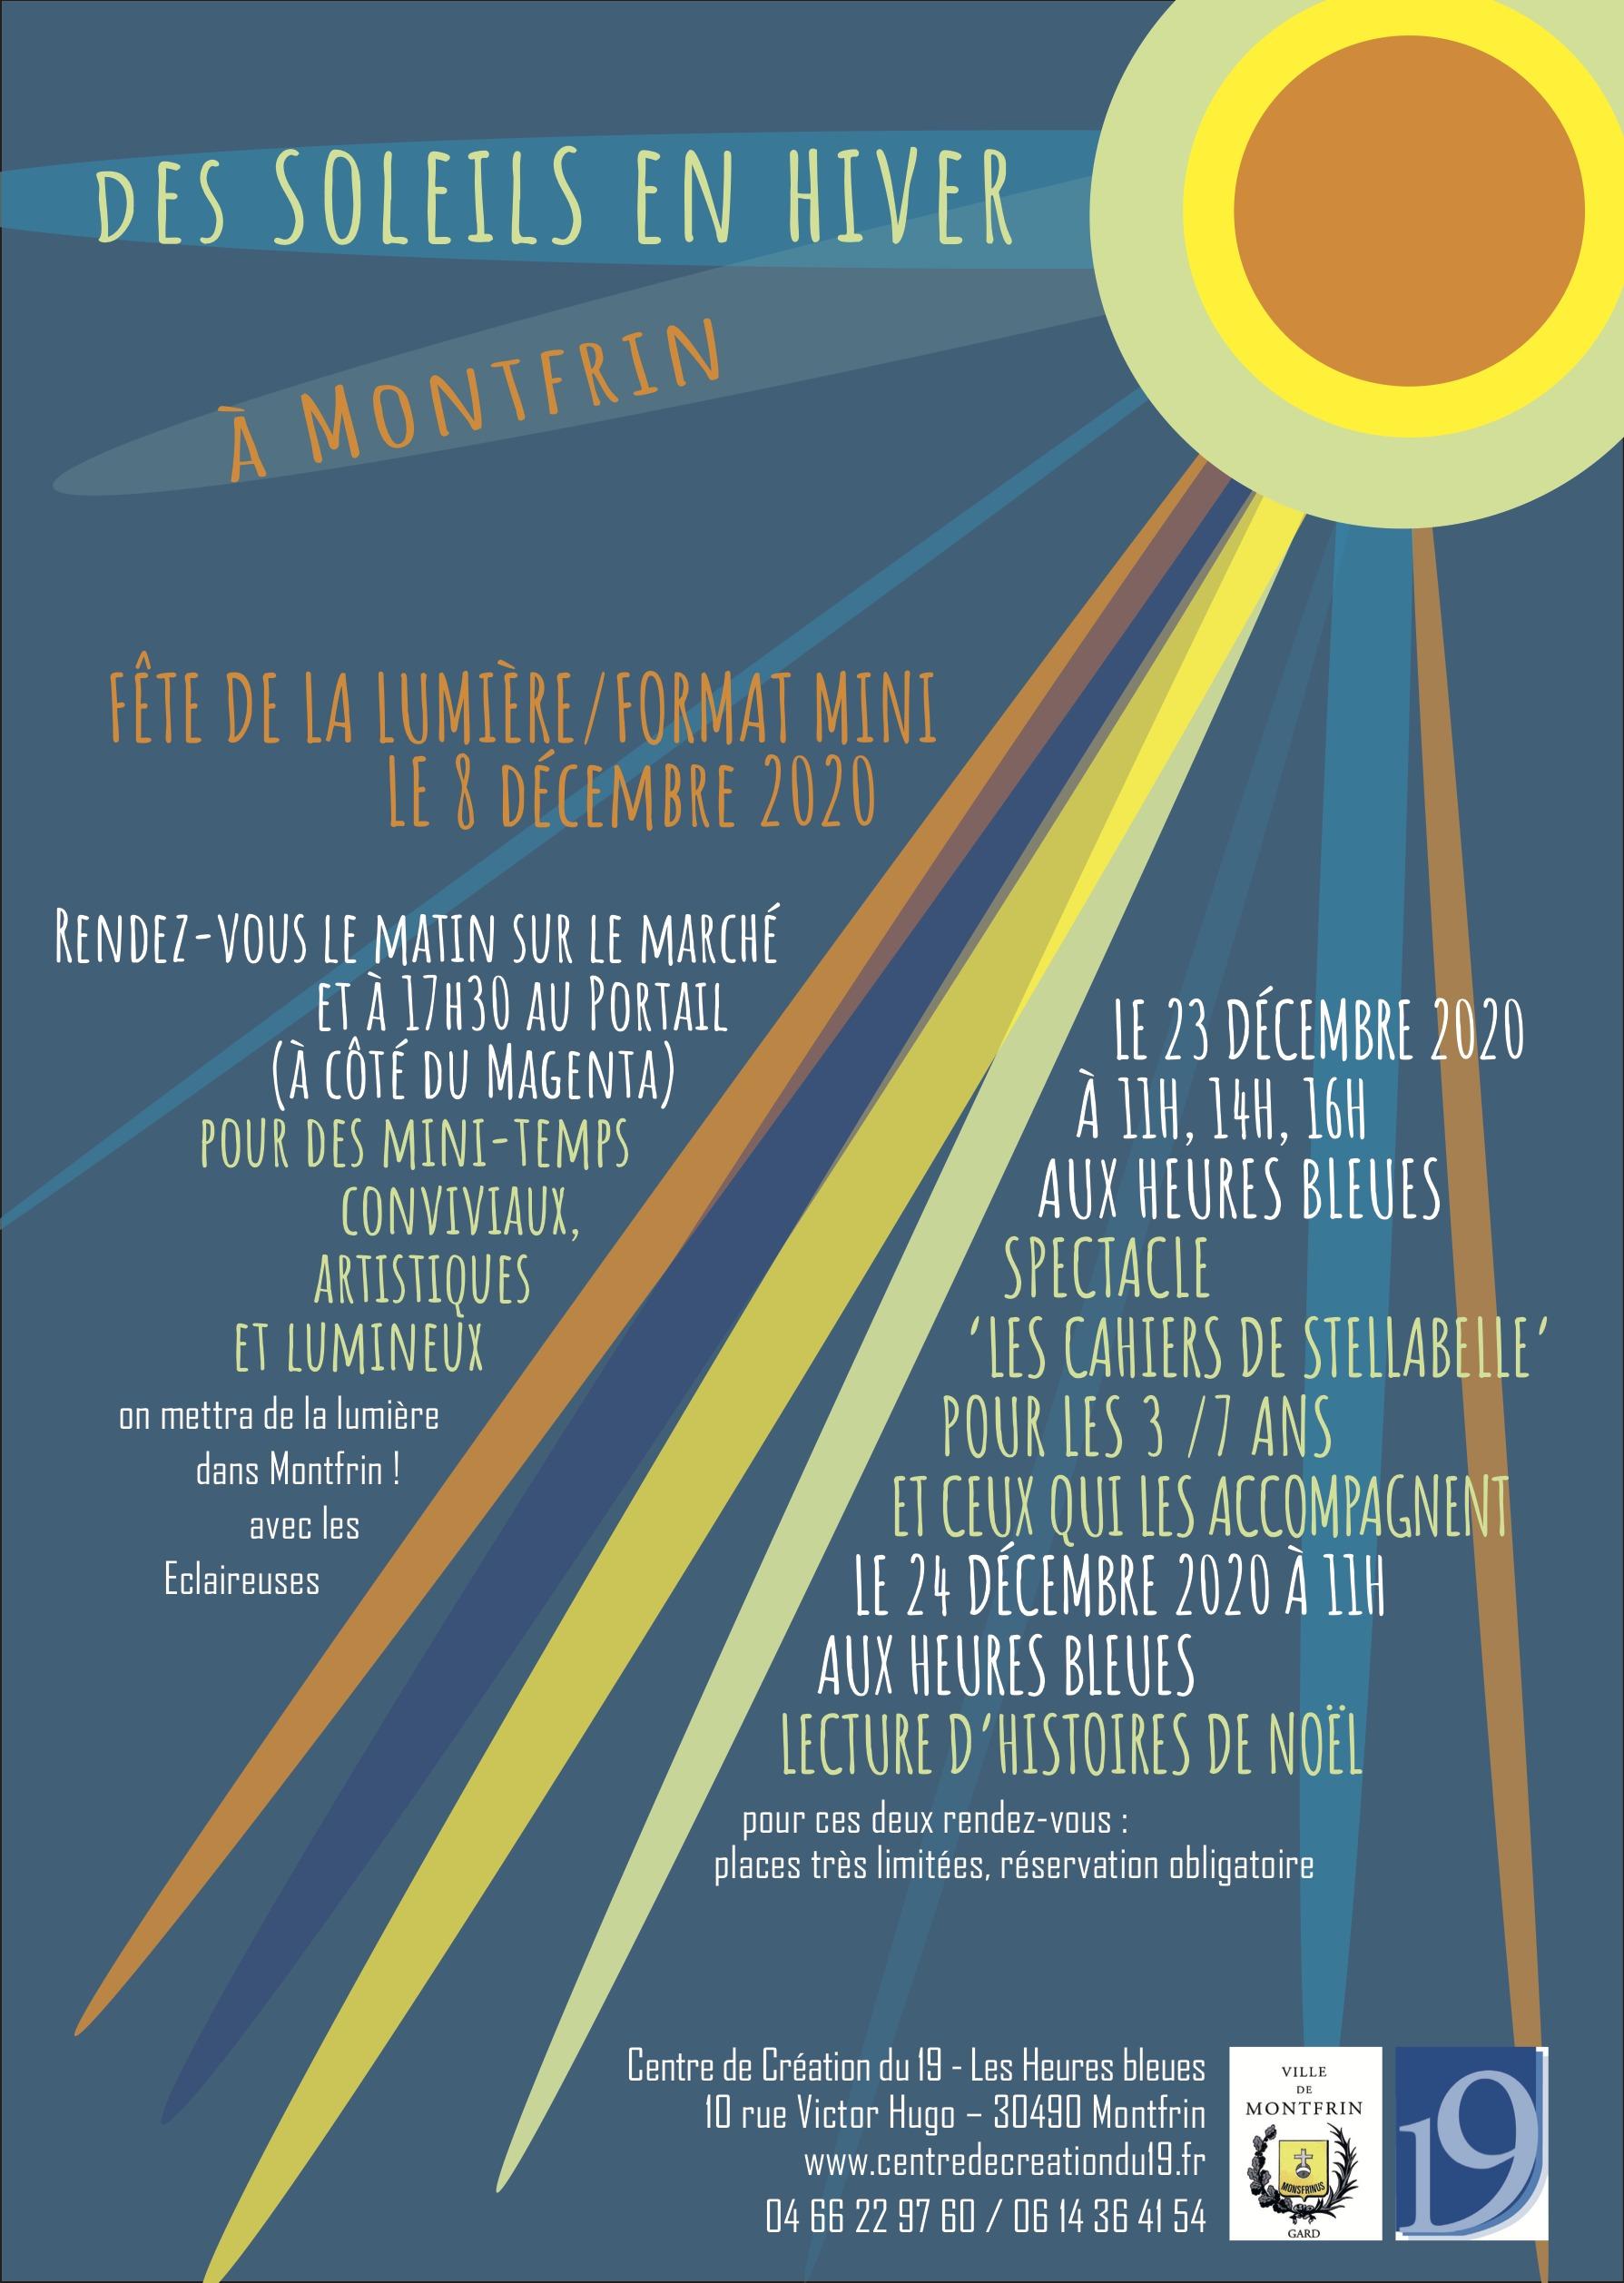 Des soleils en hiver à Montfrin